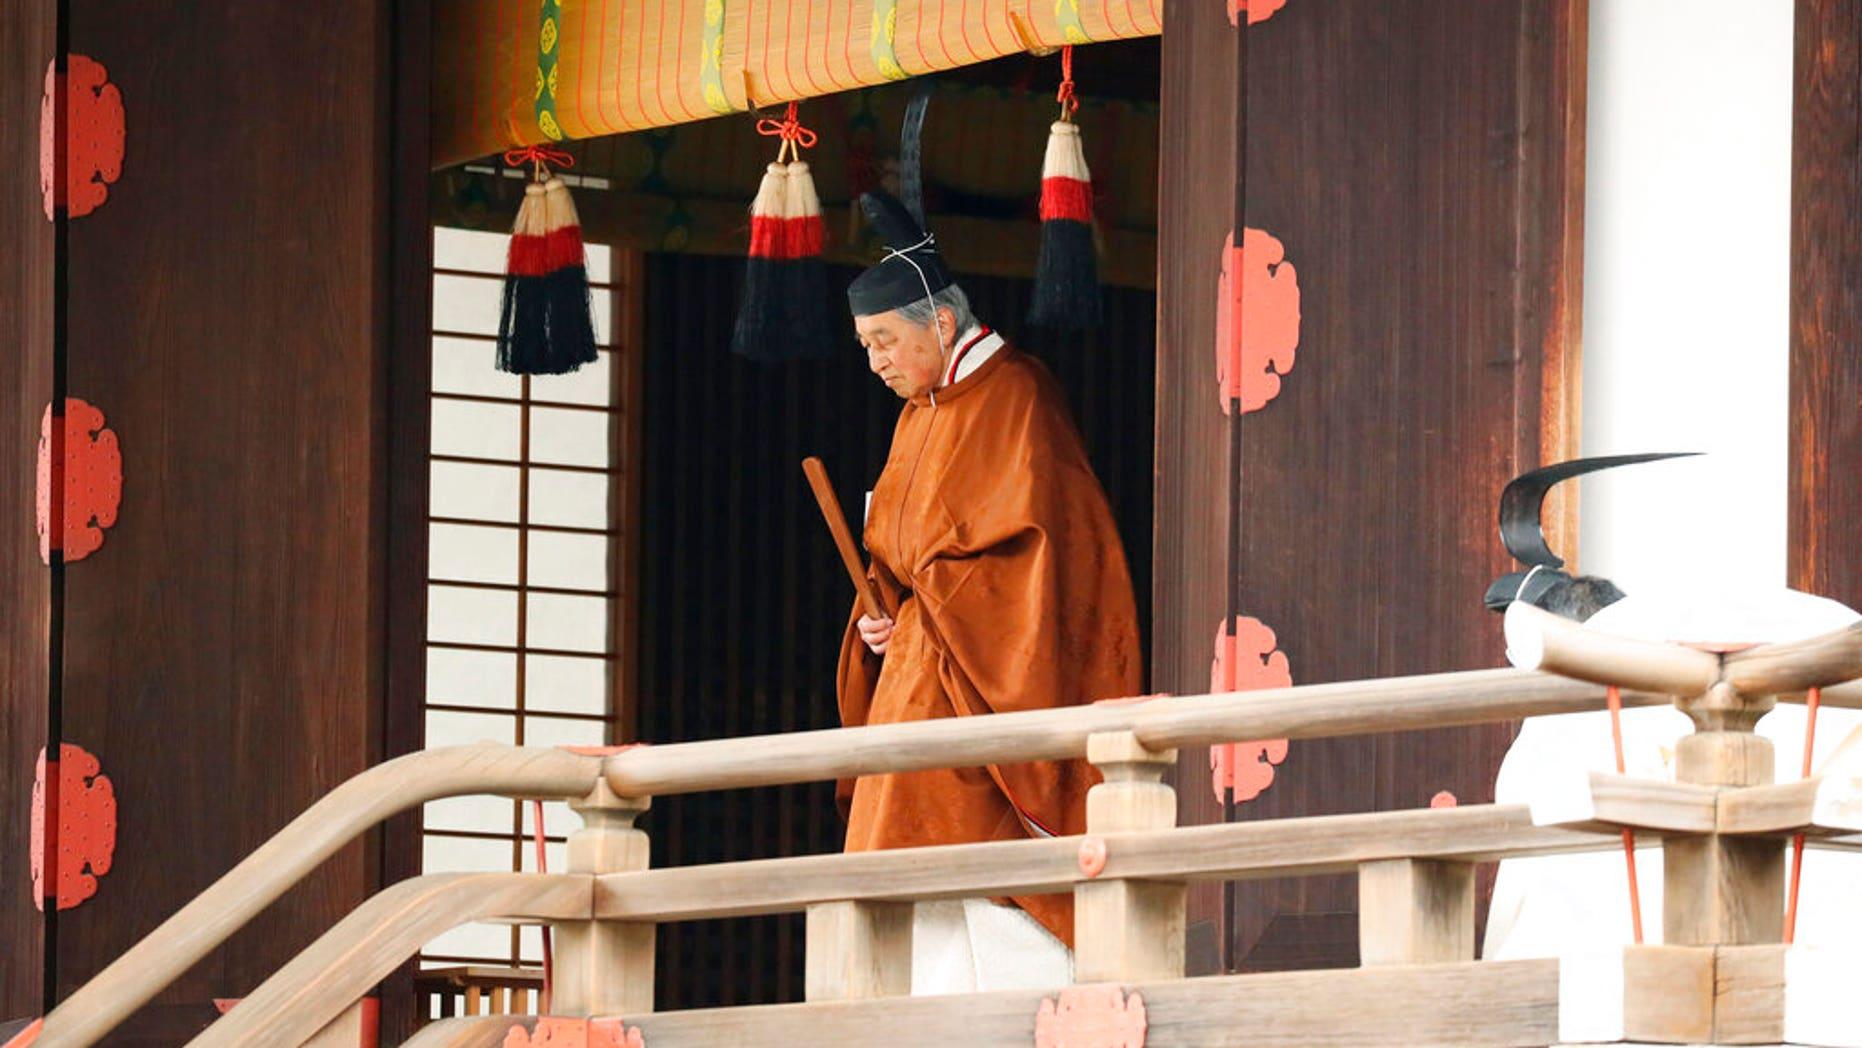 ژاپن امپراتور Akihito پس از یک مراسم به ترک خود را به تخت سلطنت، در کاخ سلطنتی در توکیو، روز سه شنبه، 30 آوریل 2019 برگزار می شود.